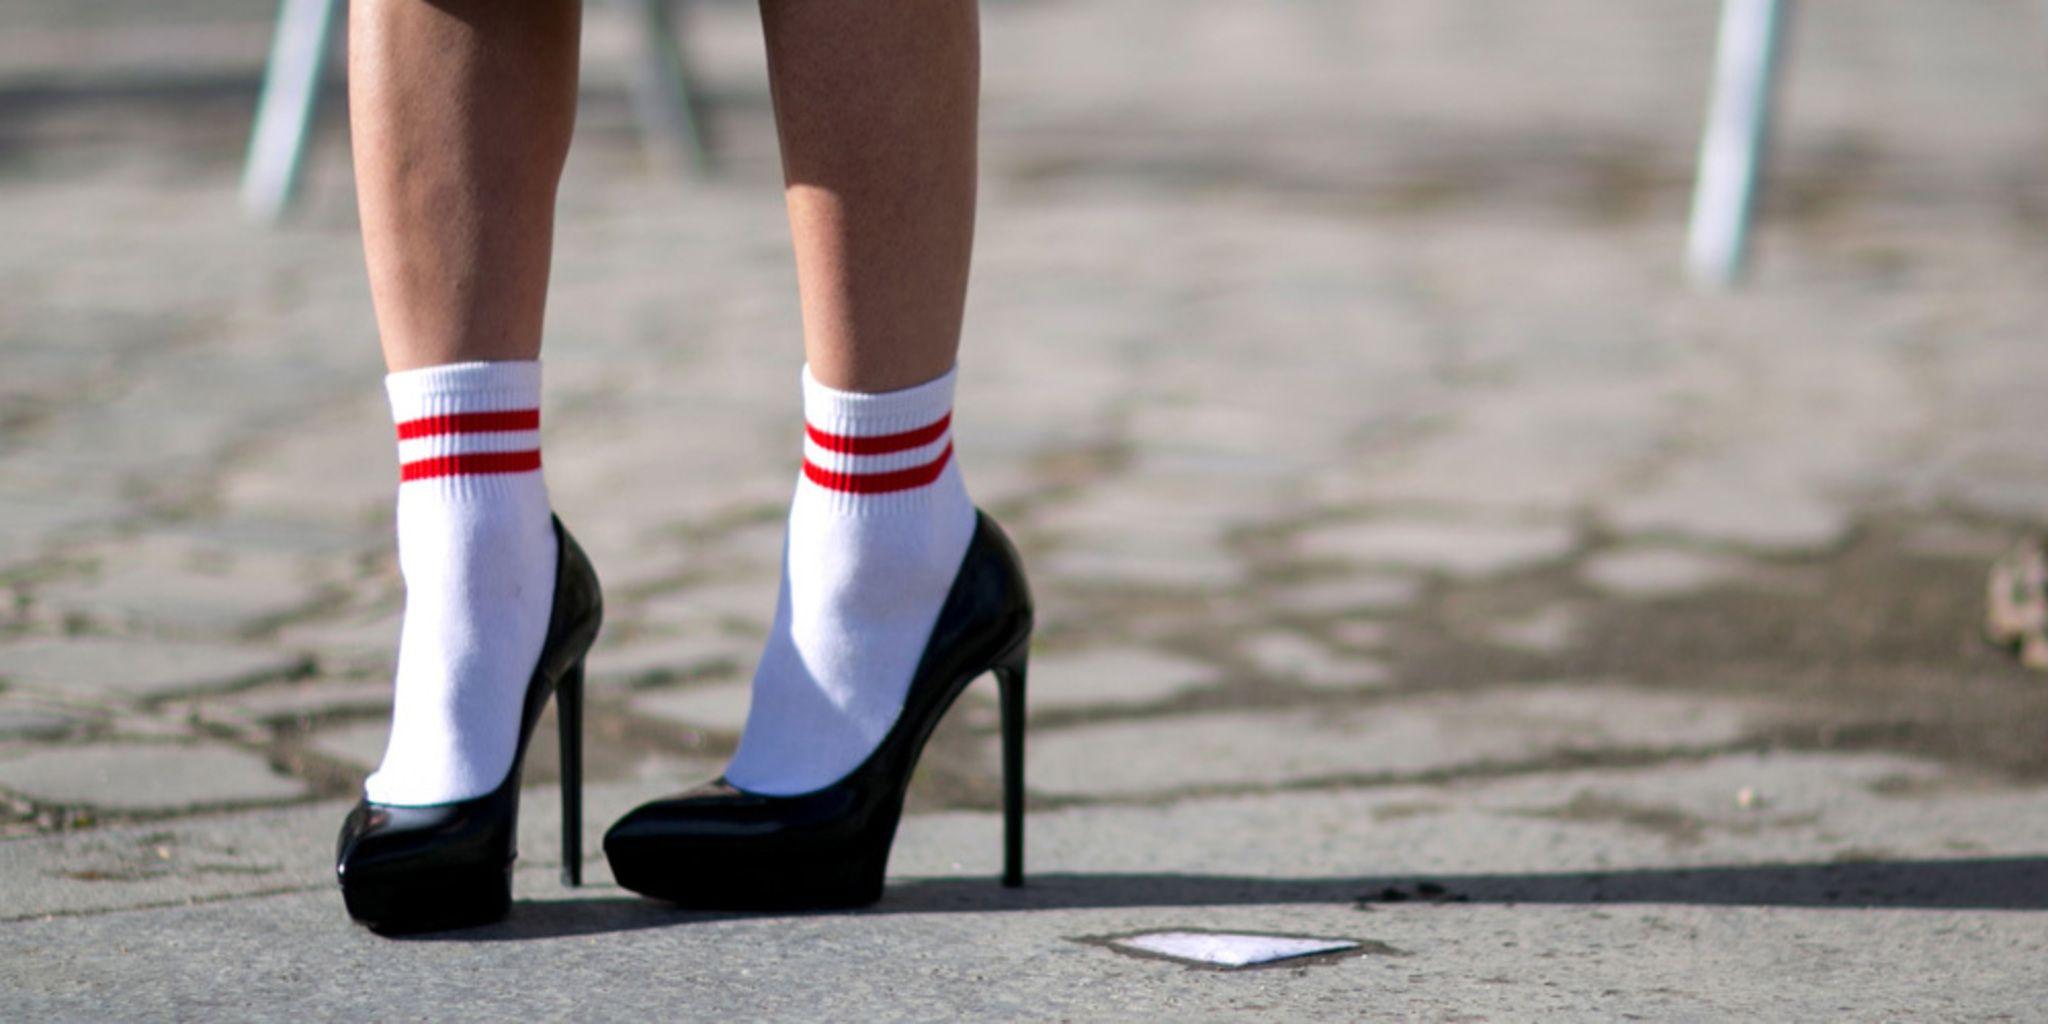 bc155585c58 2048x1024-e-inspiratie-27x-sokken-in-open-schoenen -7336692-1-eng-gb-inspiratie-27x-sokken-in-open-schoenen-jpg.jpg